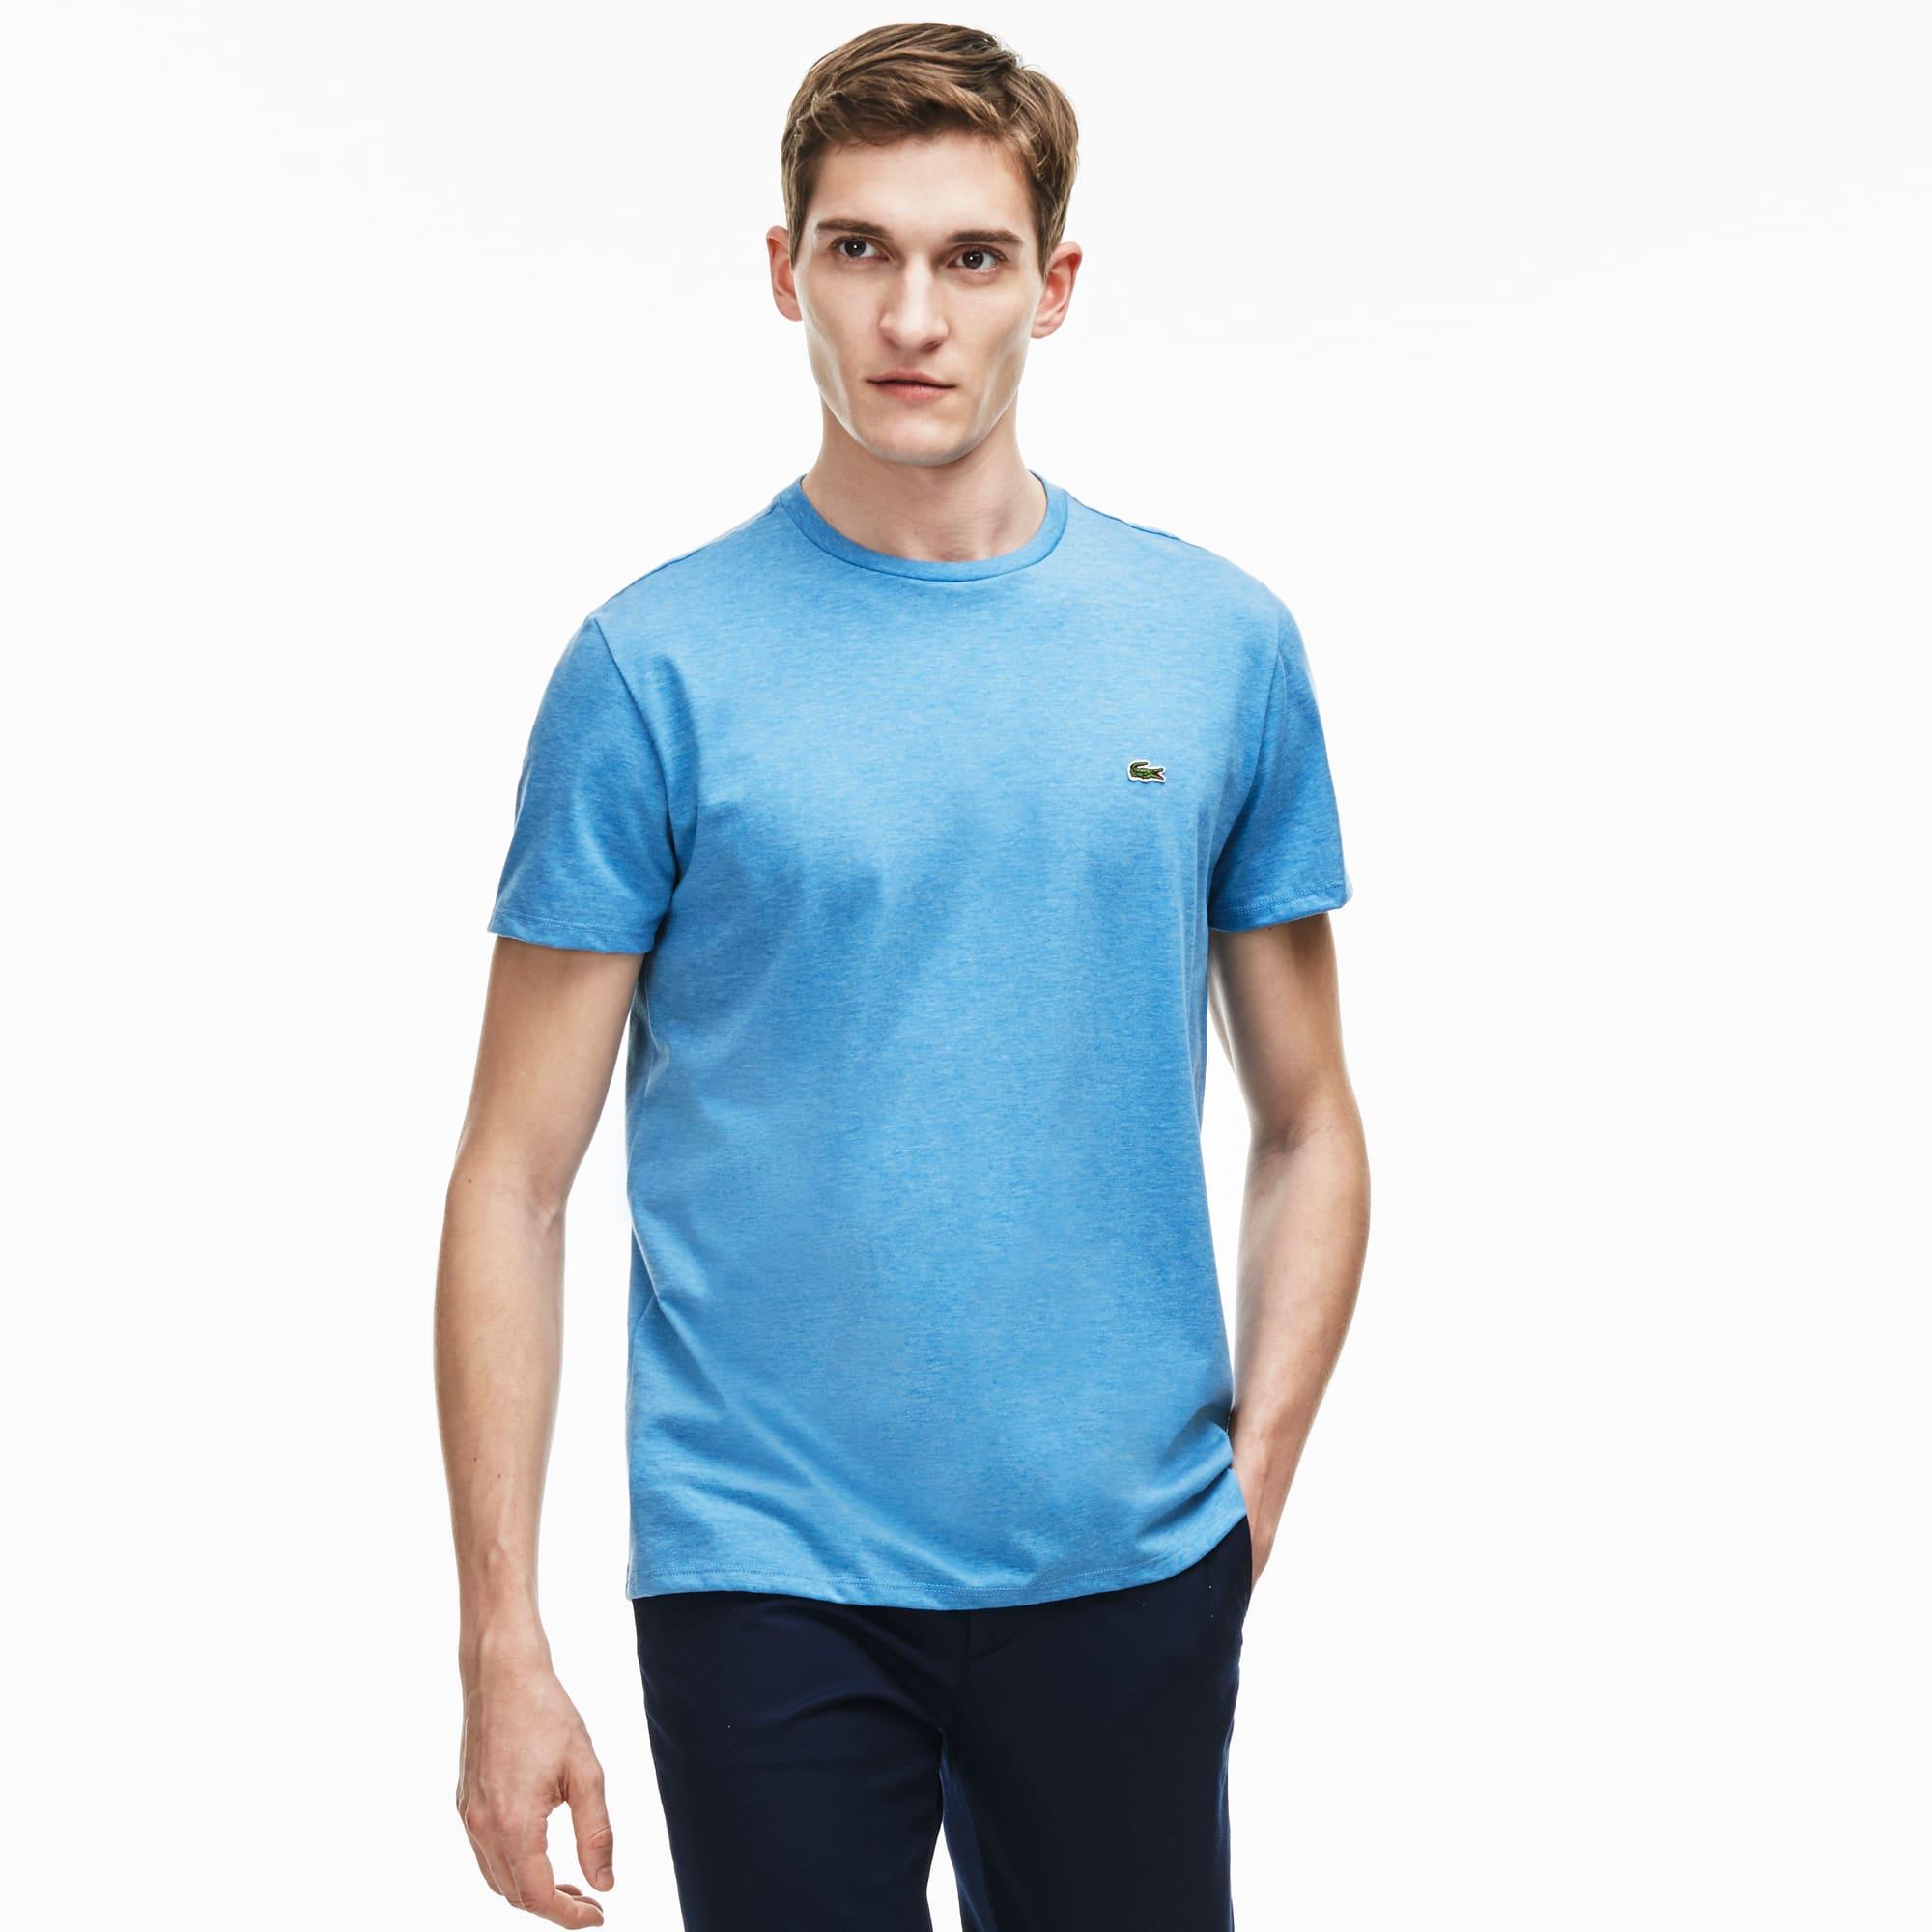 Camiseta de hombre de tejido de punto de algodón Pima con cuello redondo